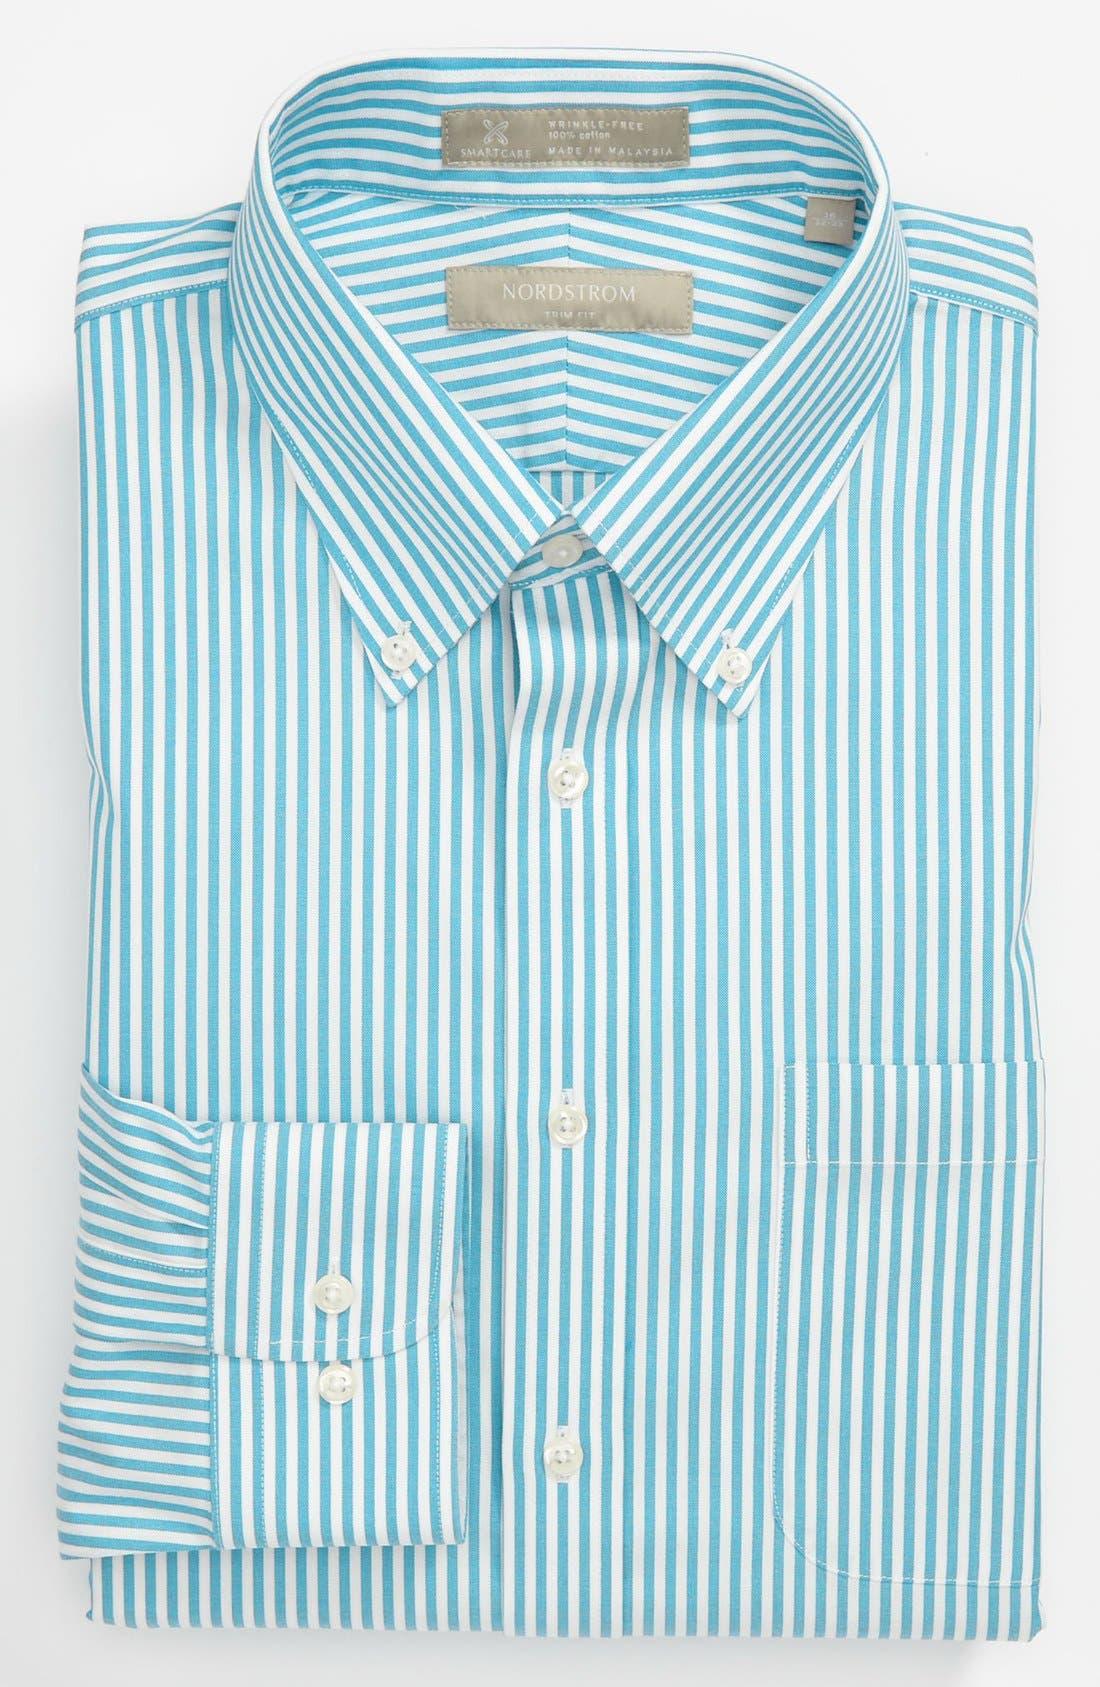 Alternate Image 1 Selected - Nordstrom Men's Shop Smartcare™ Wrinkle Free Trim Fit Stripe Dress Shirt